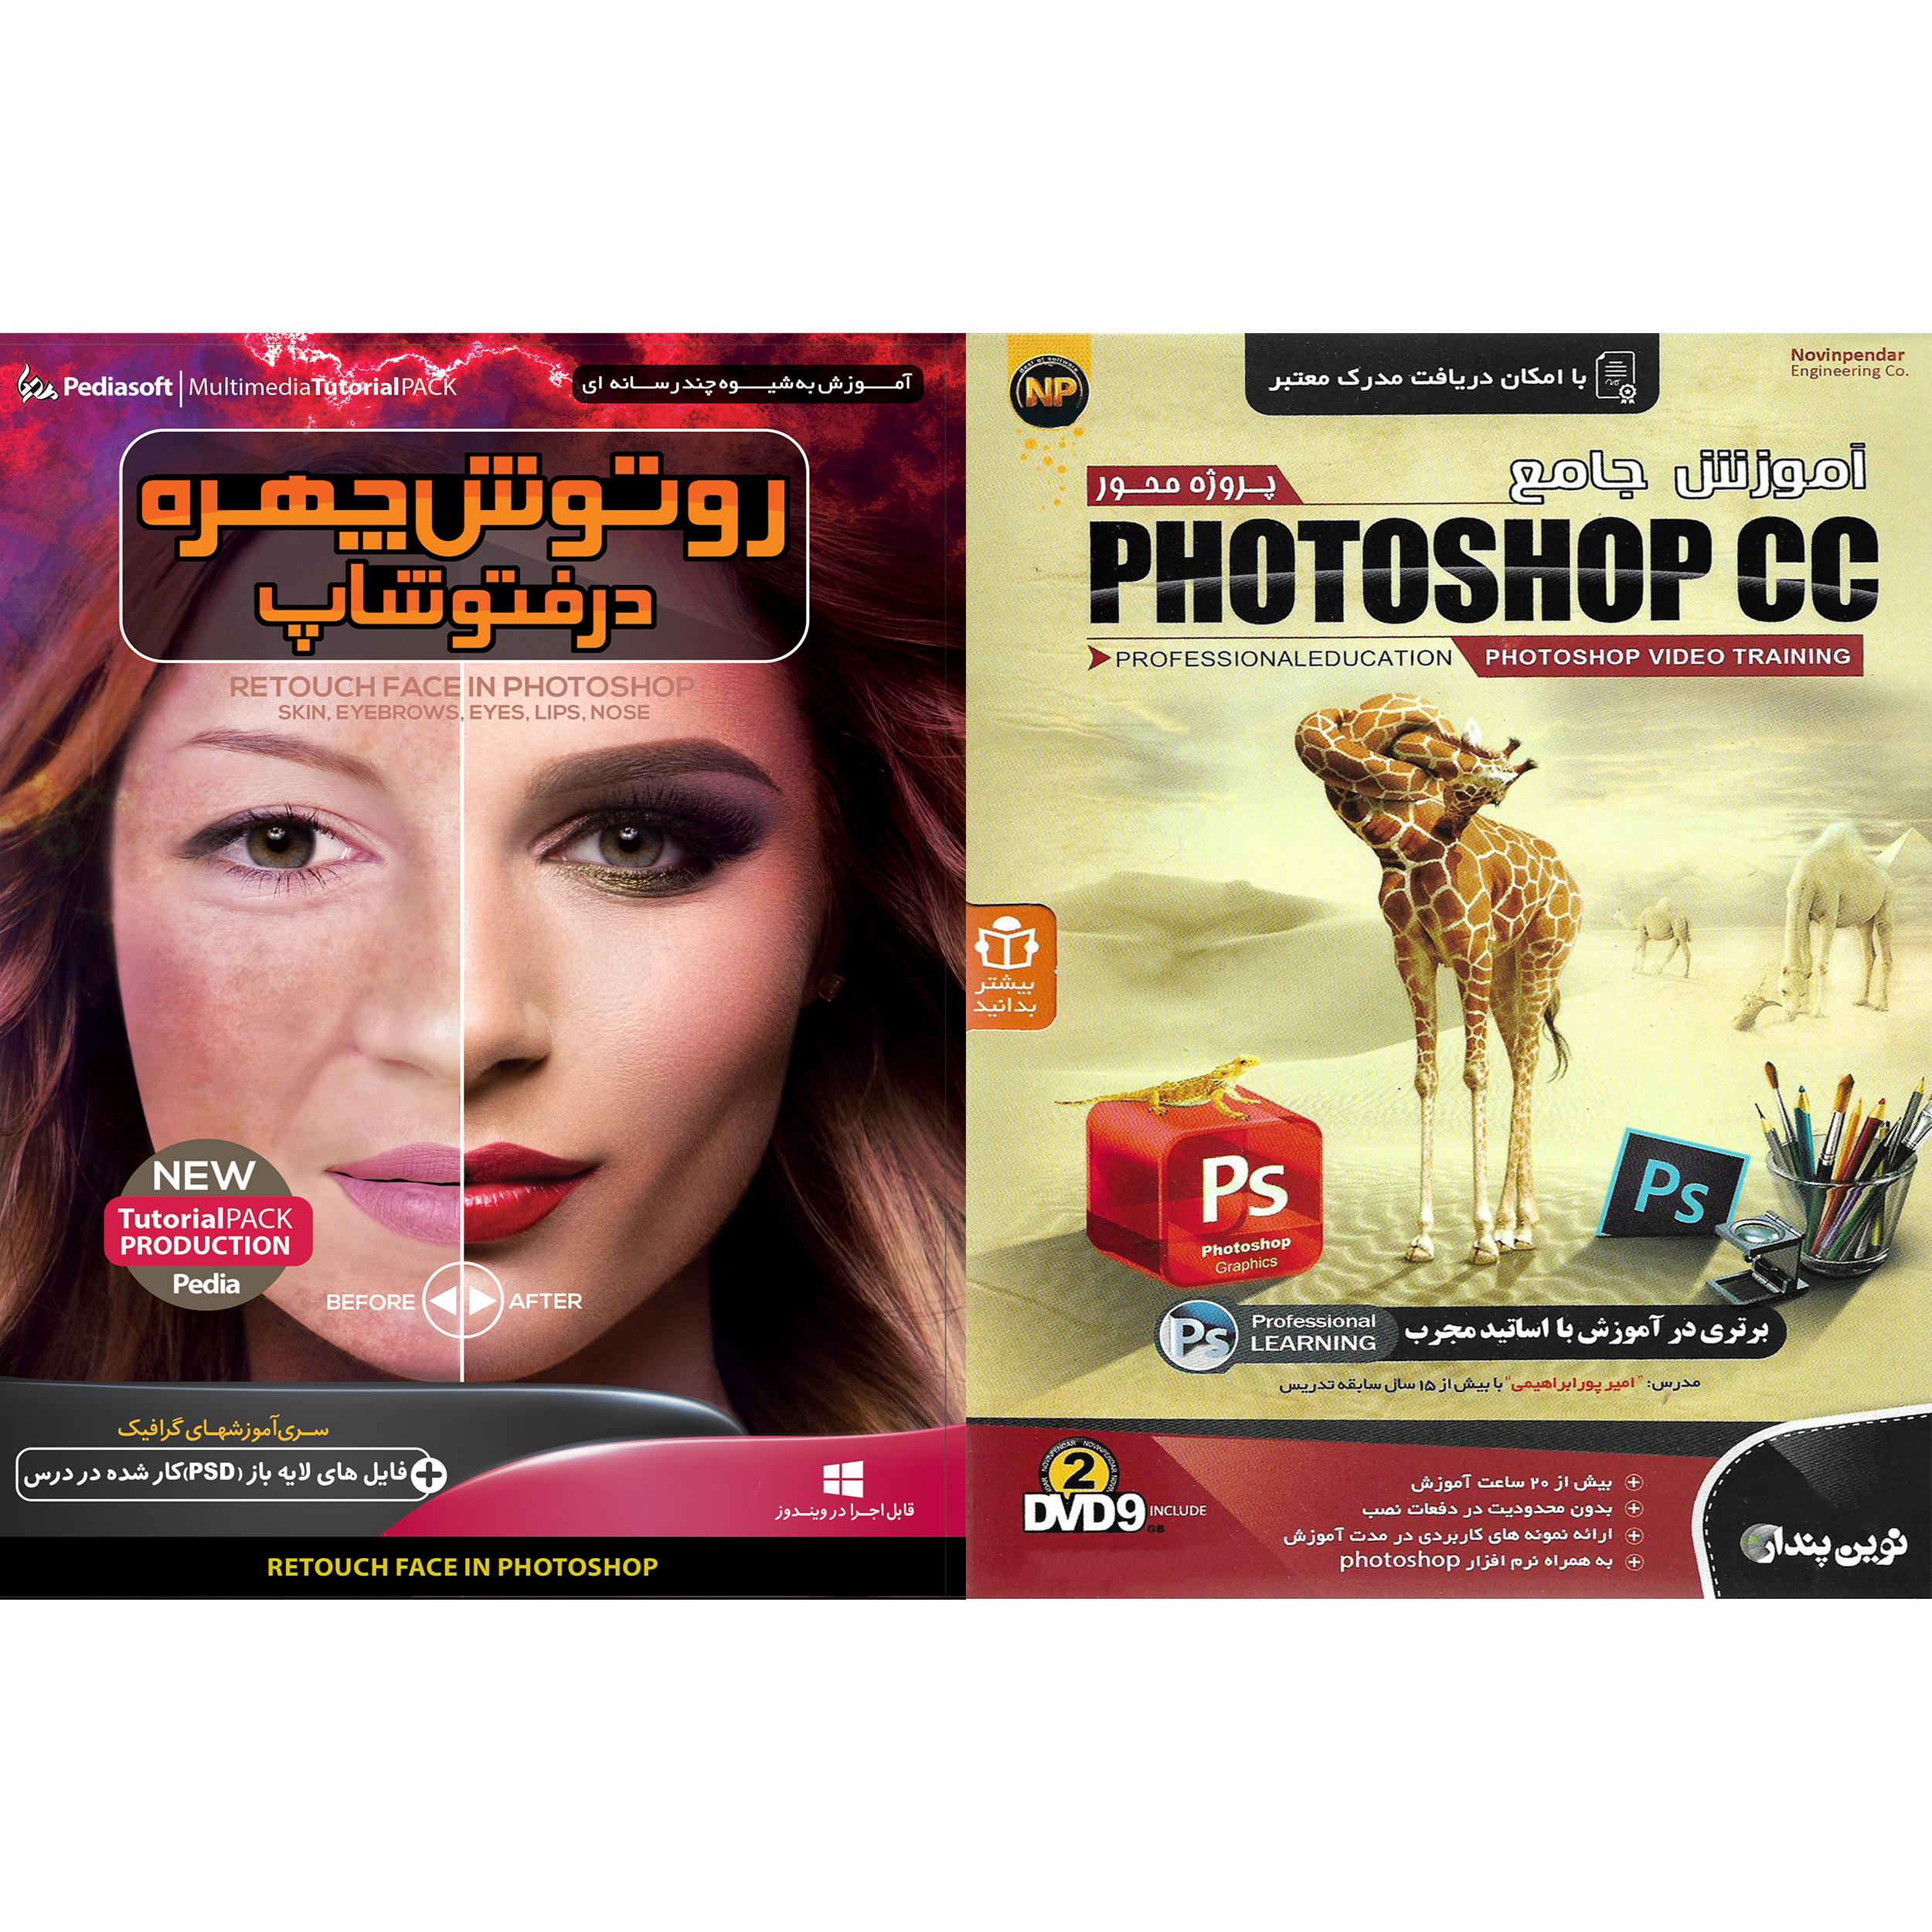 نرم افزار آموزش پروژه محور PHOTOSHOP CC نشر نوین پندار به همراه نرم افزار آموزش رتوش چهره در فتوشاپ نشر پدیا سافت